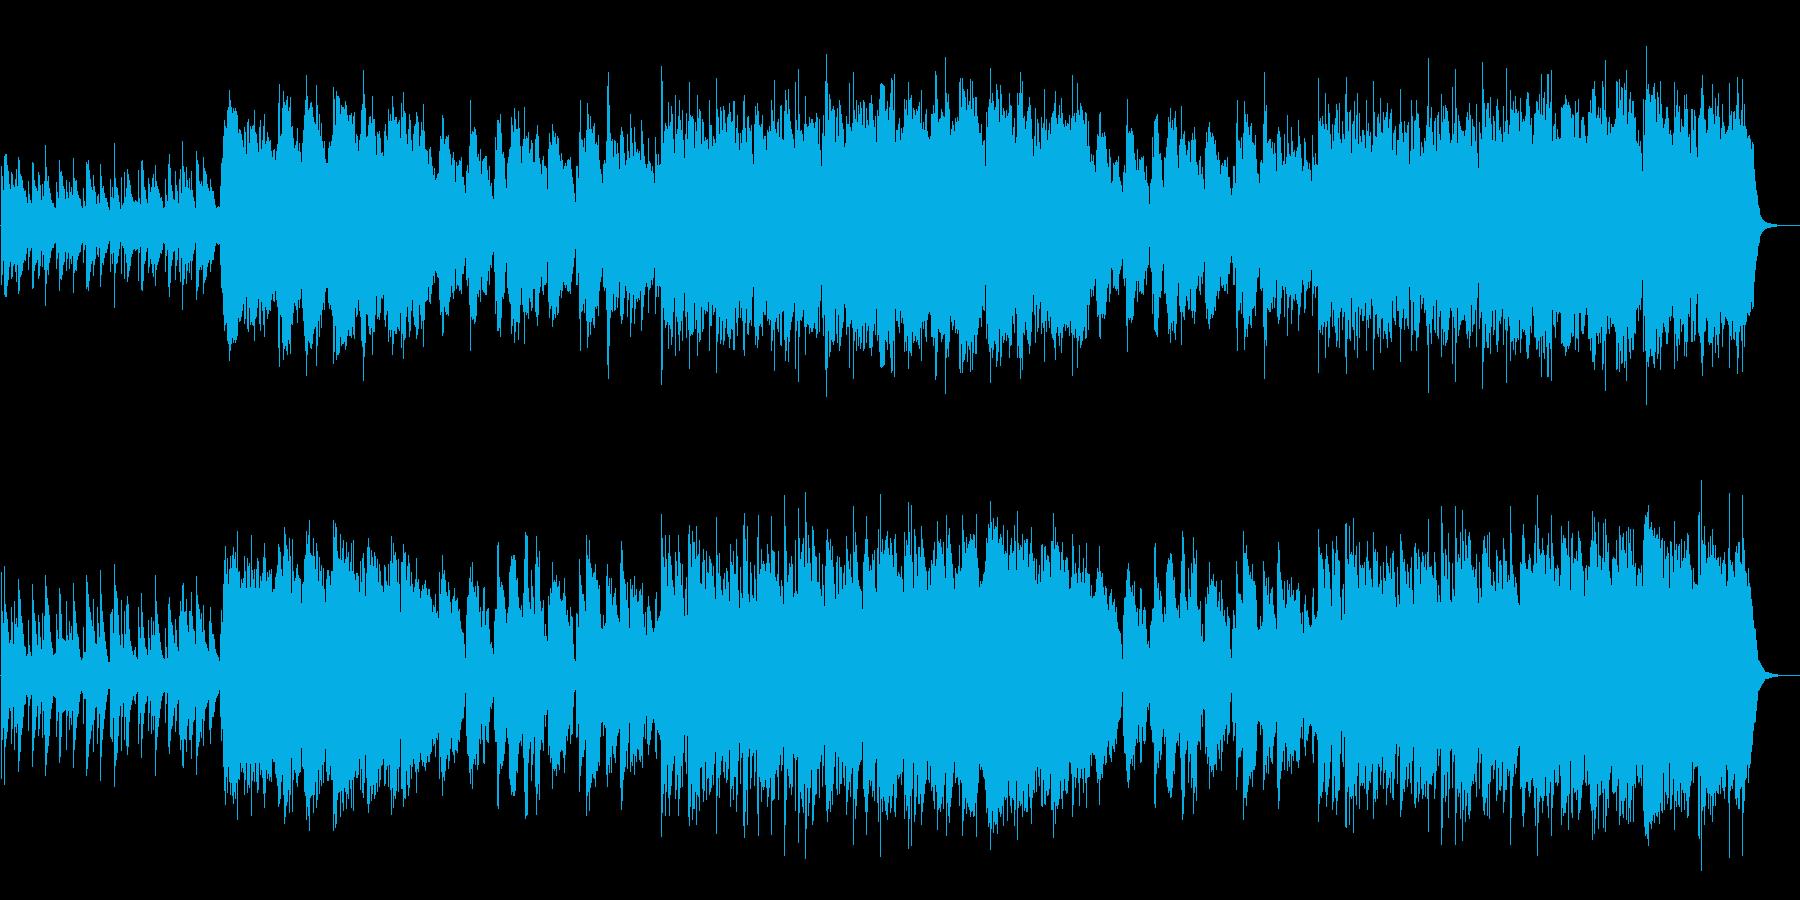 【生演奏】切なく感動的な和風尺八バラードの再生済みの波形